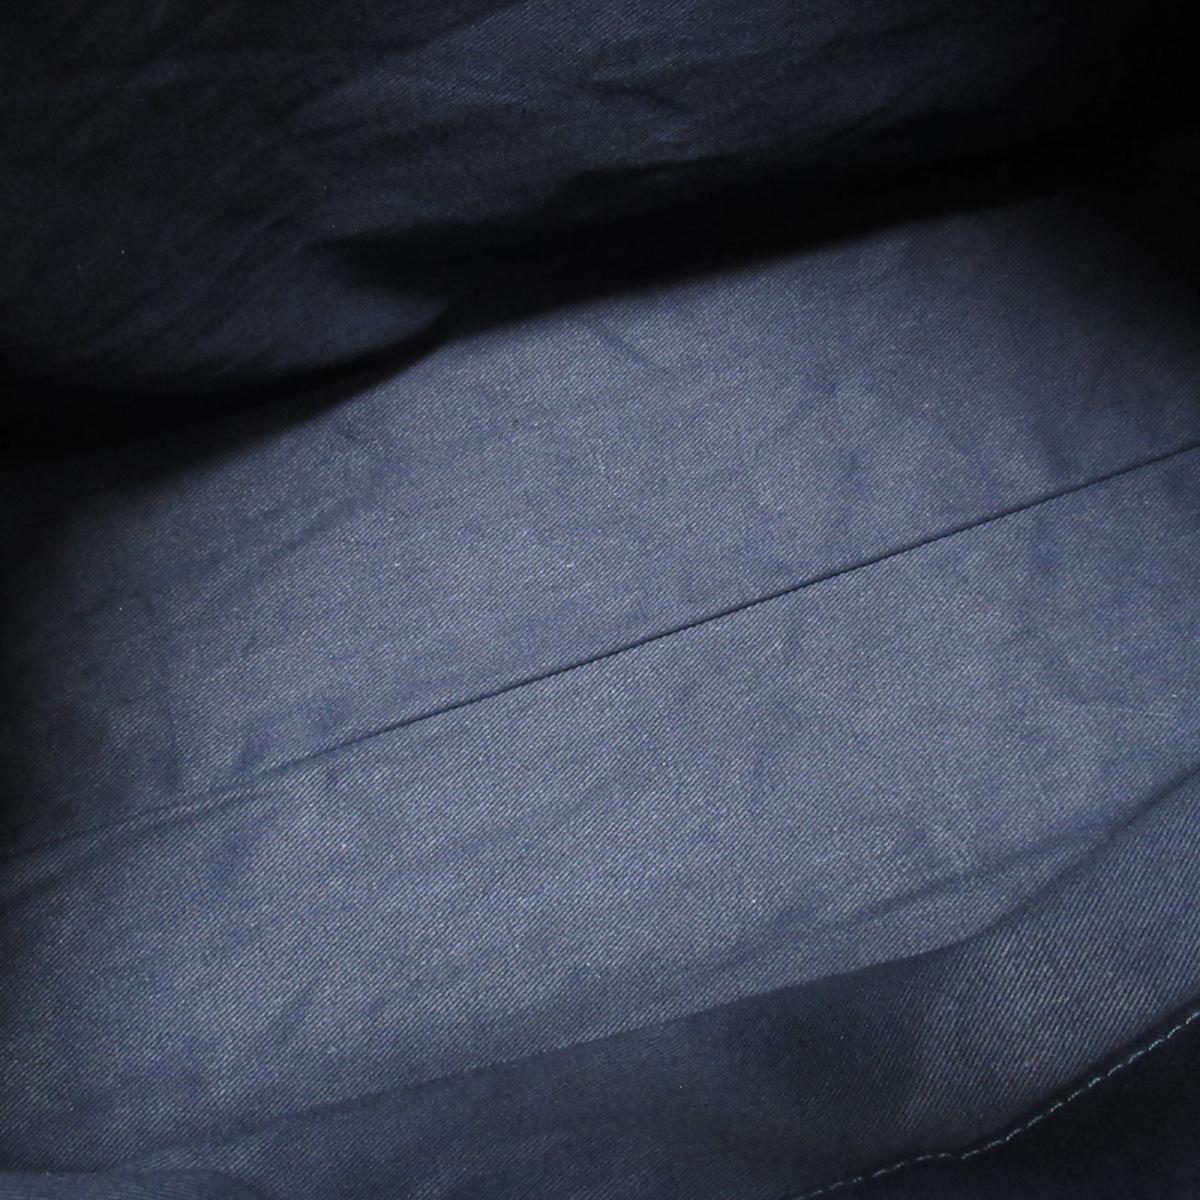 シンクビー ワンショルダーバッグ レディース キャンバス x レザー グレー系Think Bee BRANDOFF ブランドオフ ブランド ブランドバッグ ブランドバック かばん バッグ バック ショルダーバッグ ショルダーバック ショルダー 肩かけ435ARjLq